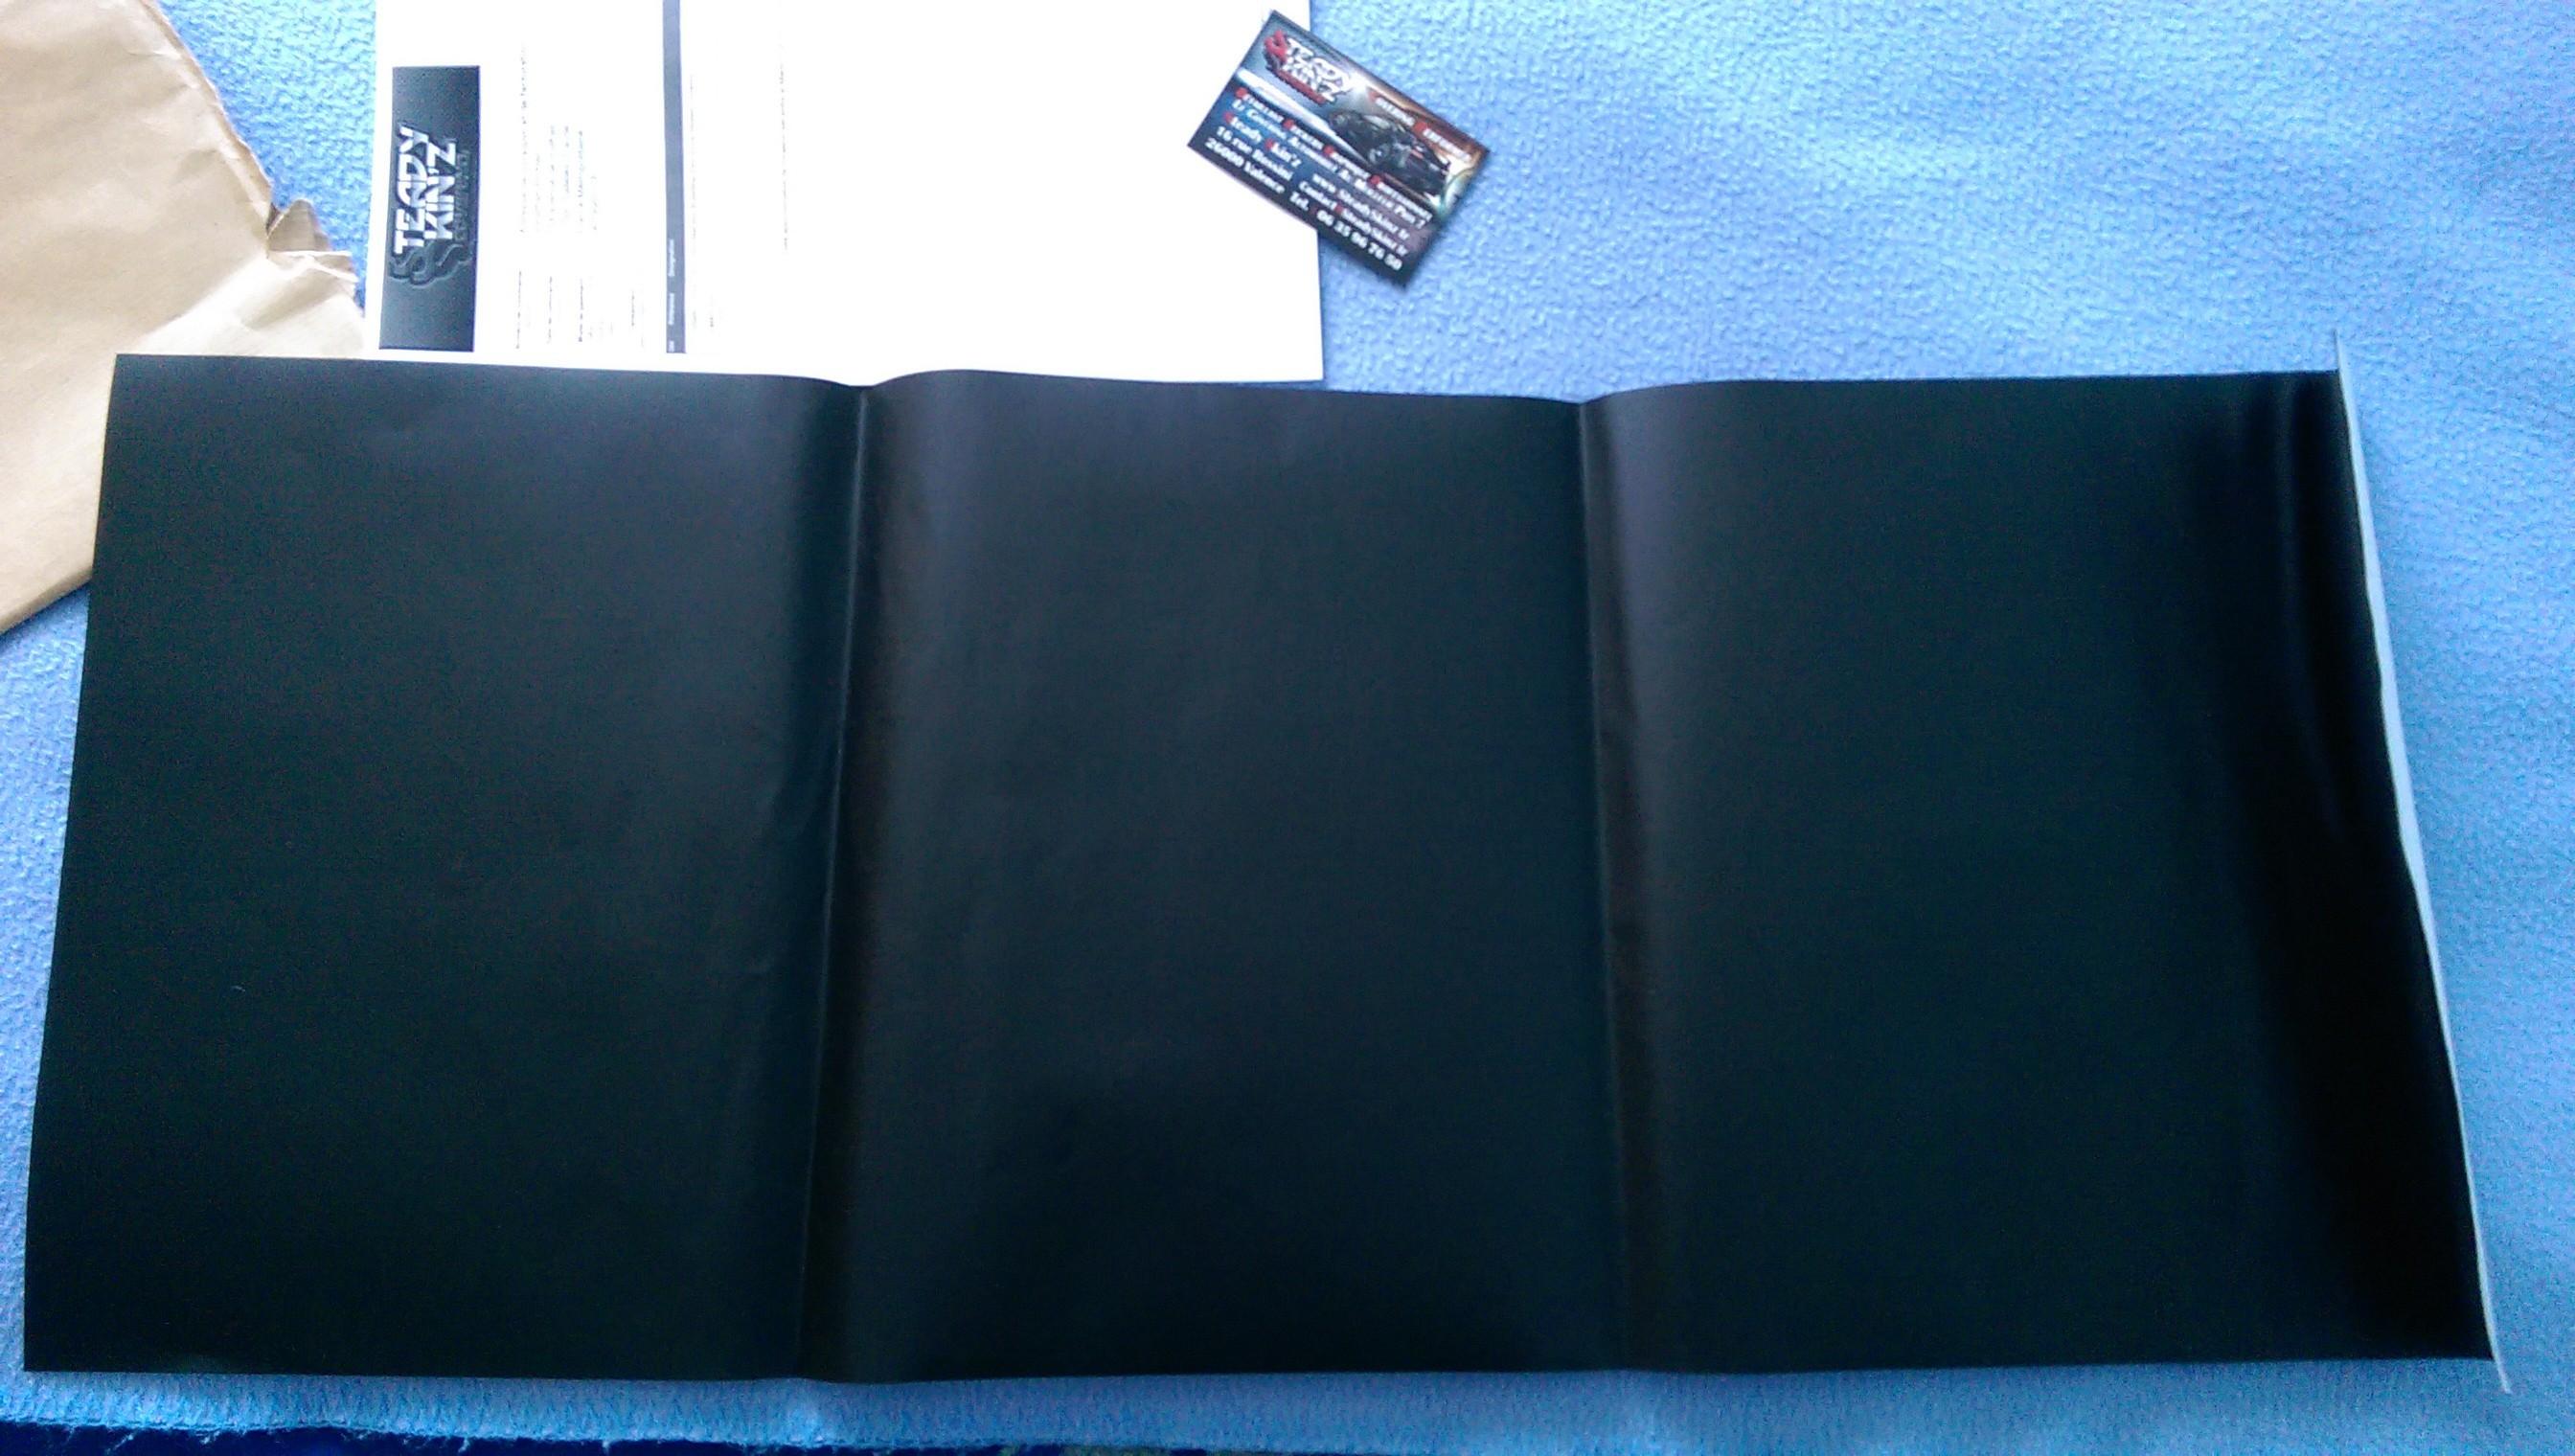 [toreto04] 205 GTI 1.6L - Gris Graphite - 1988 - Page 6 Fu9m